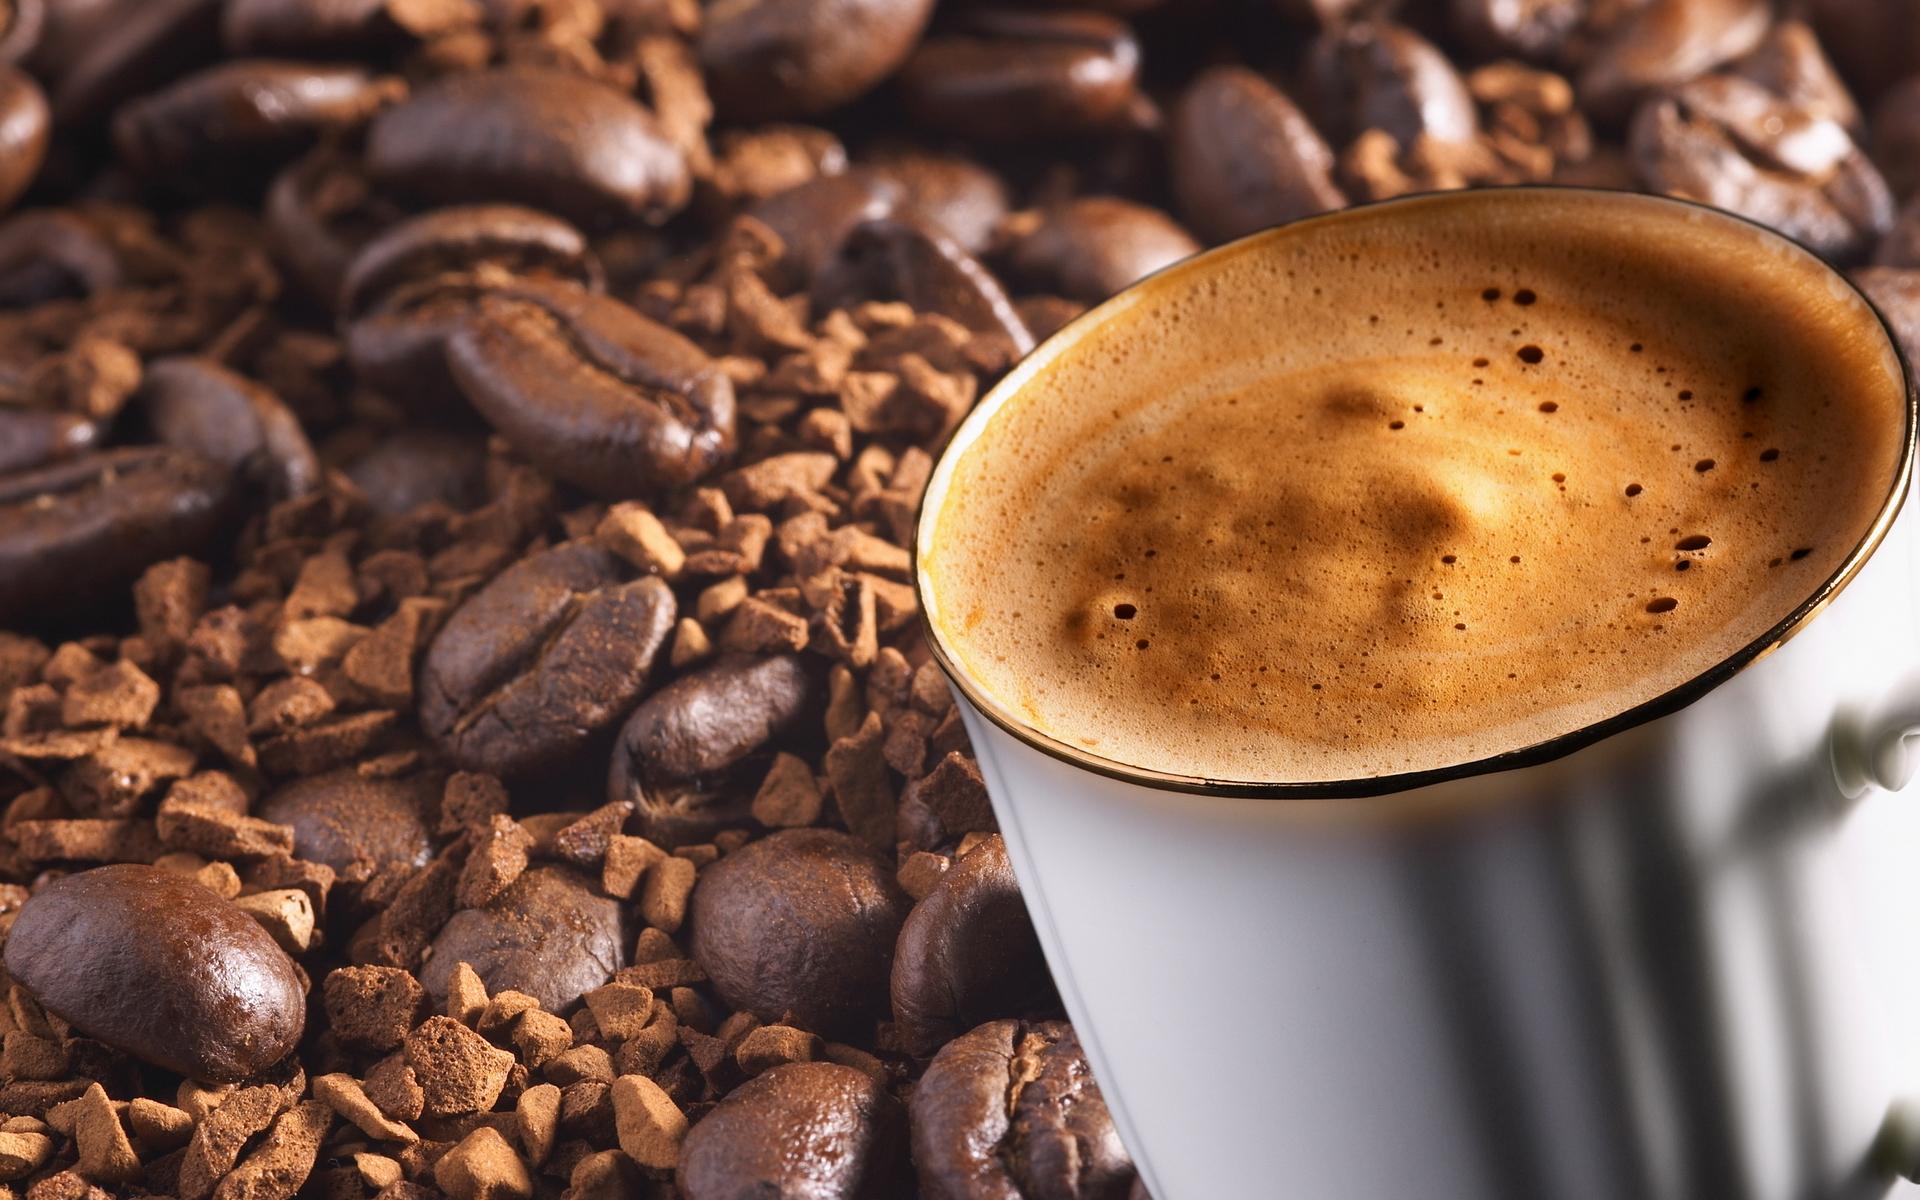 Акция «Книга в обмен на Кофе или Чай» в Coffe Hub